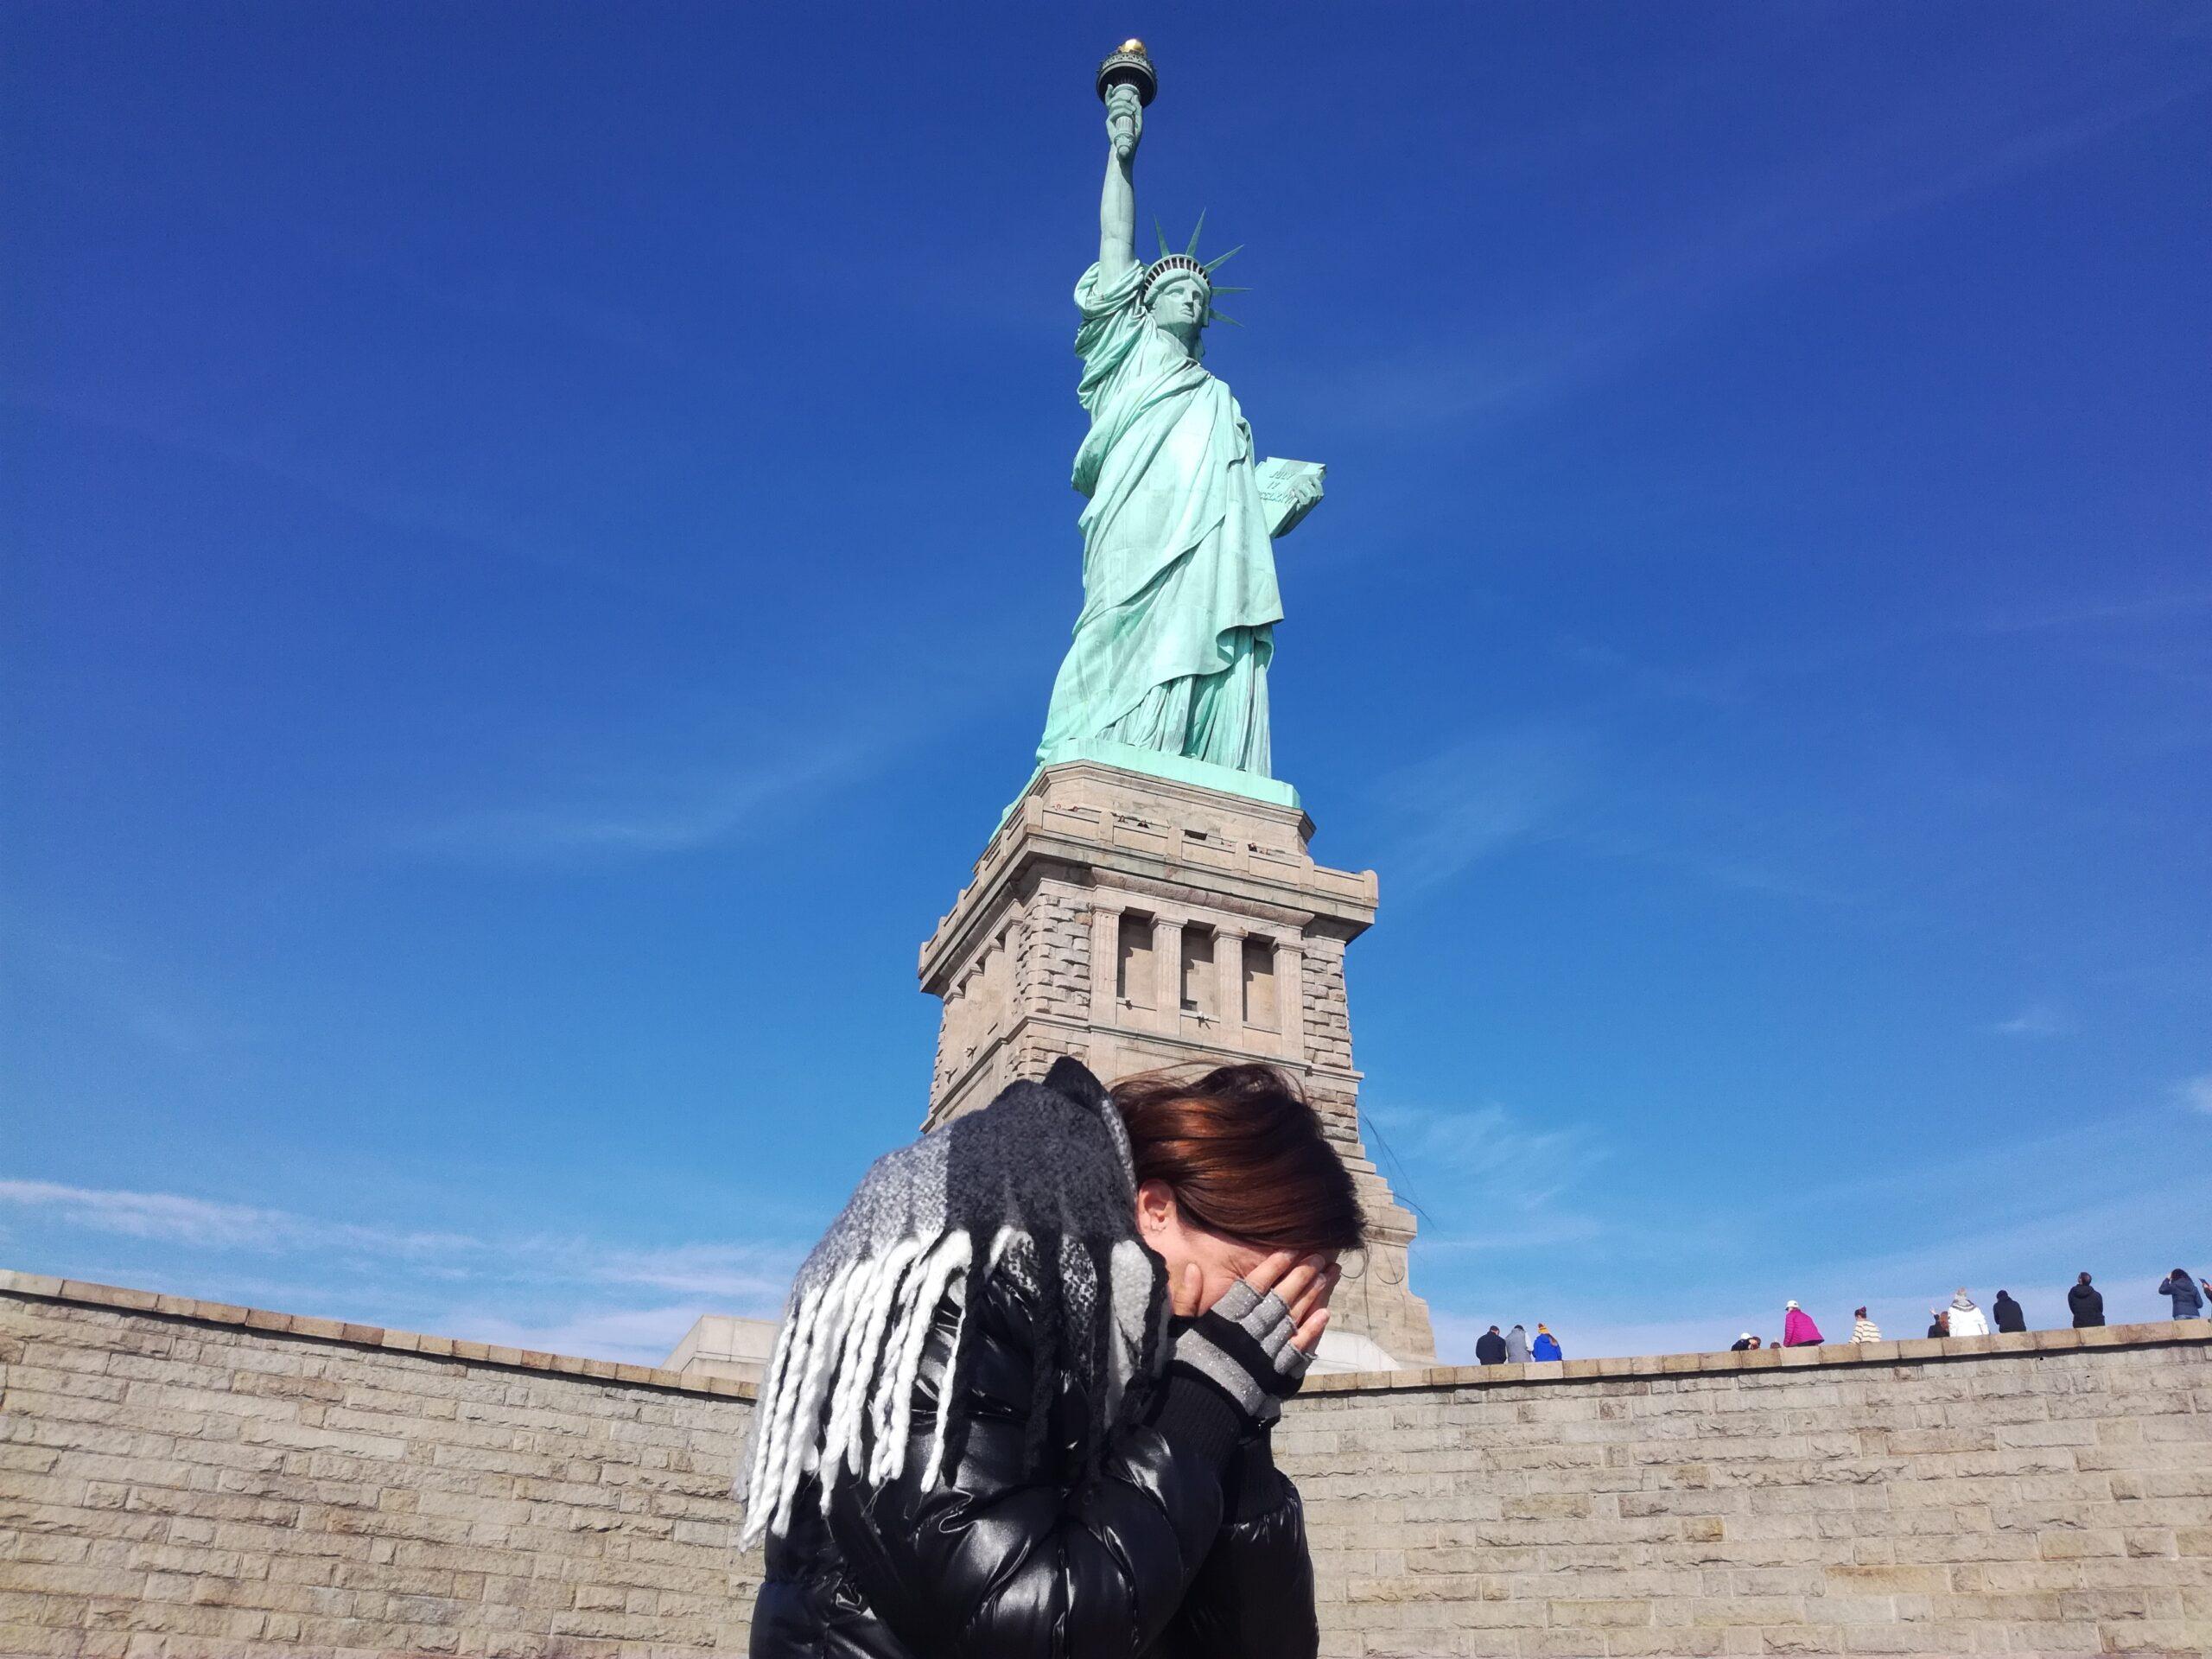 Piangere dall'emozione sotto la Statua della Libertà (finalmente ce l'avrò fatta!)